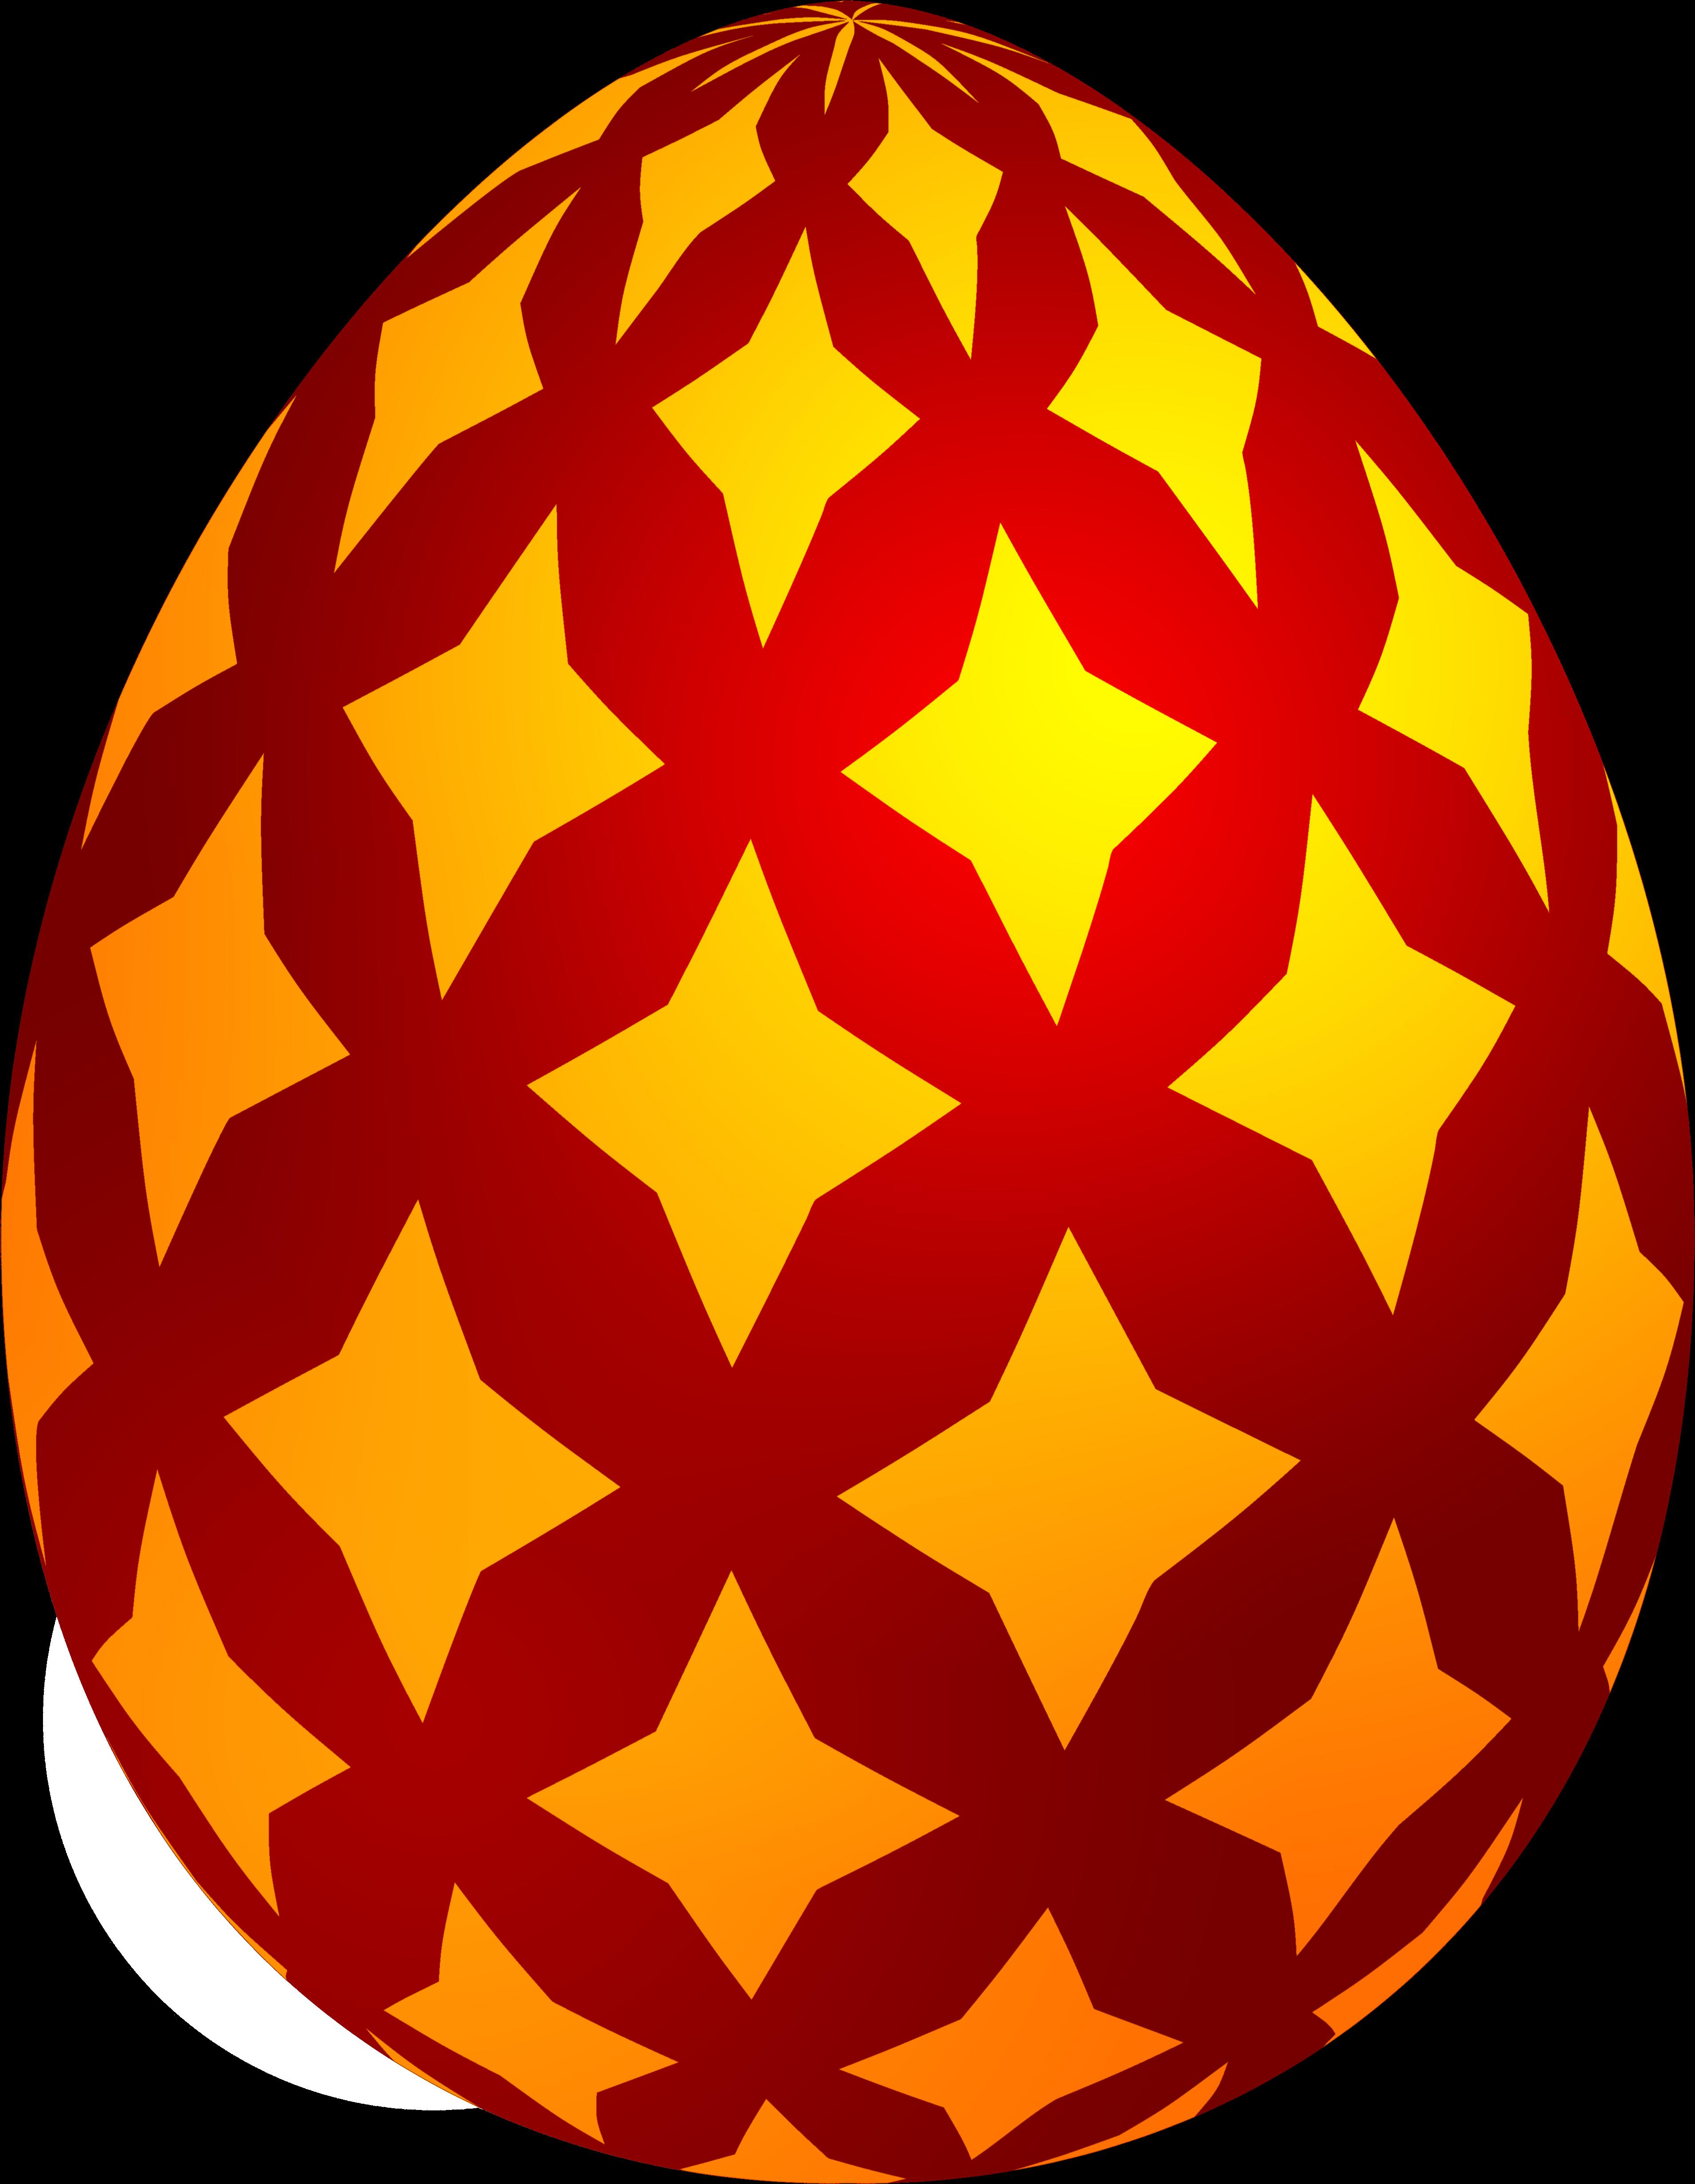 Red Easter Decorative Egg Png Clip Art - Easter Egg Png ...